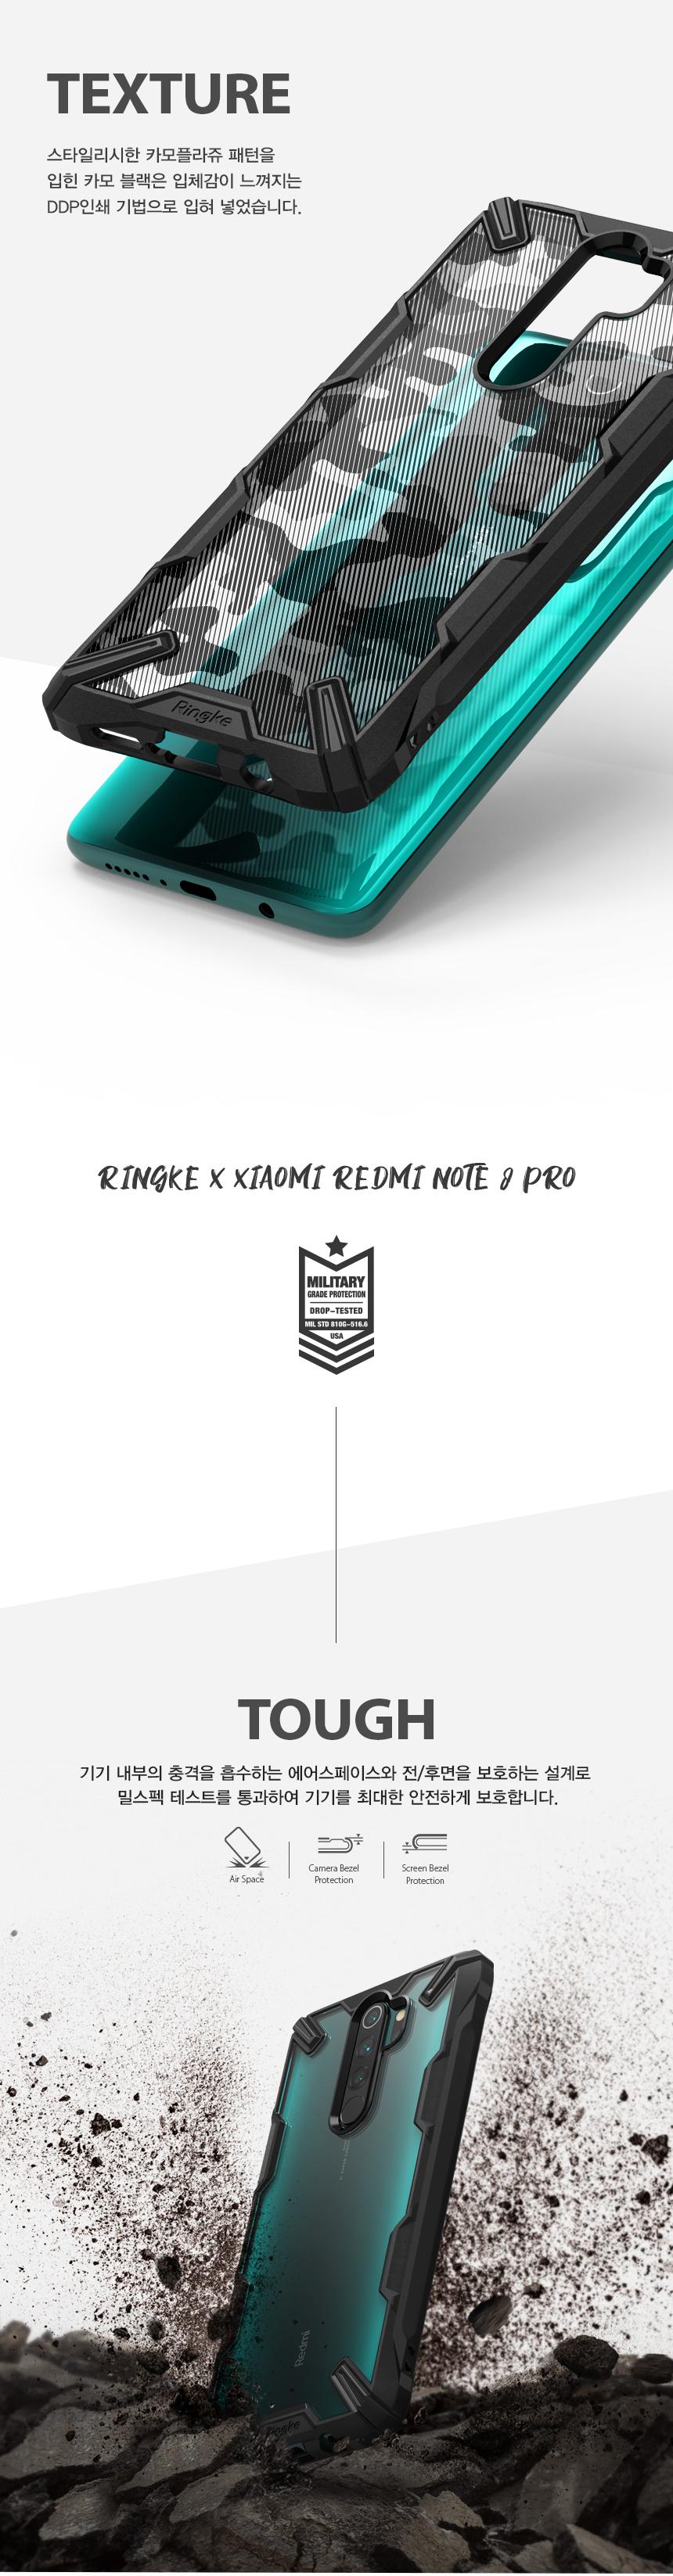 샤오미 홍미노트8 프로 케이스 링케퓨전X - 리어스, 16,800원, 케이스, 기타 스마트폰